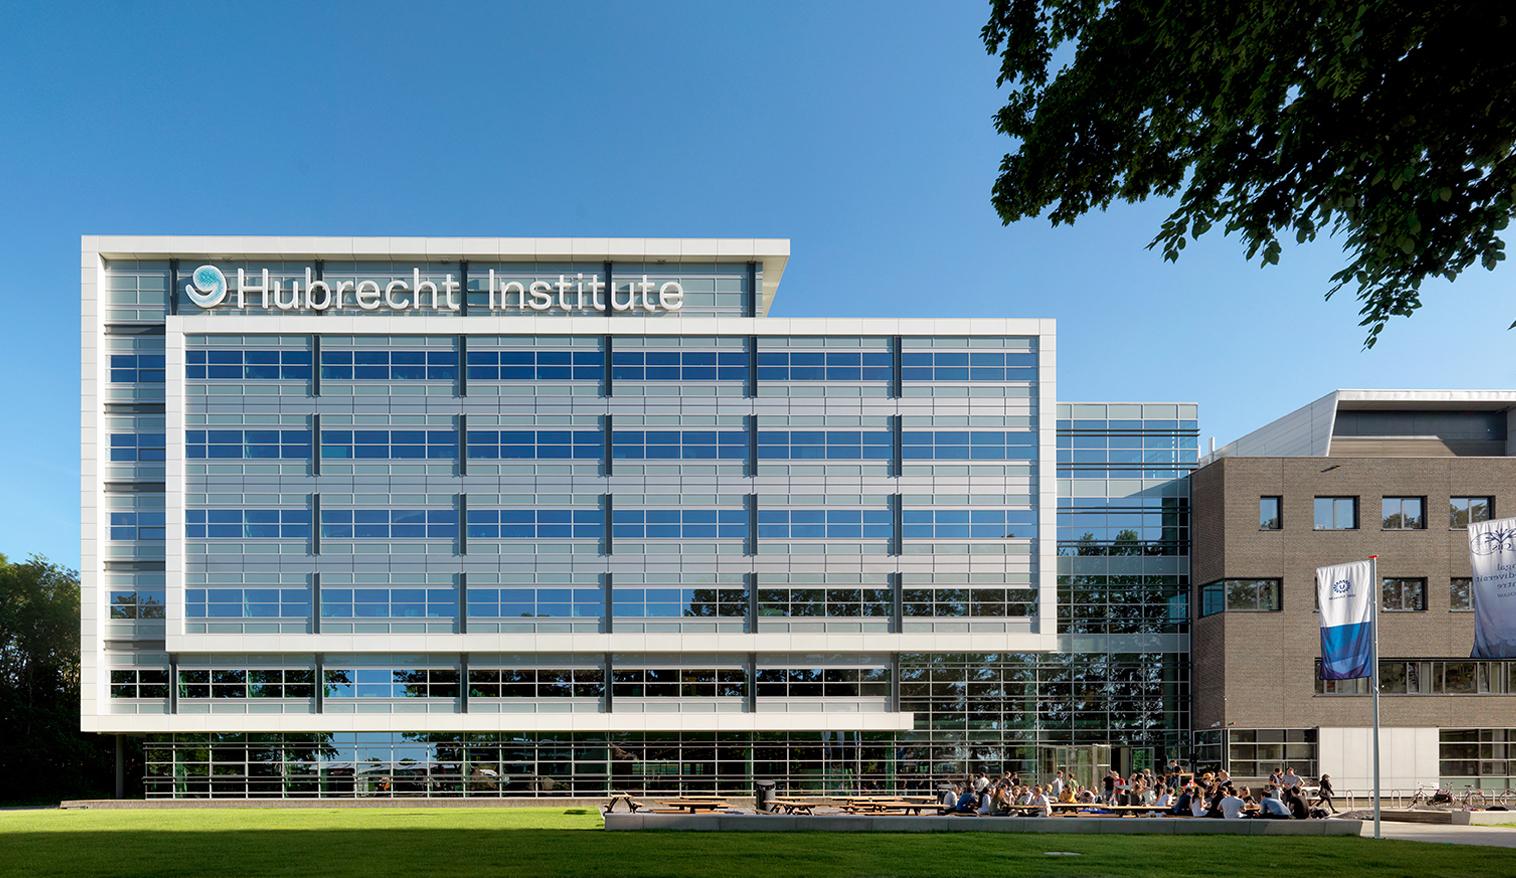 04 OPLarchitecten_Hubrecht Institute De Uithof header 1516×878-72dpi